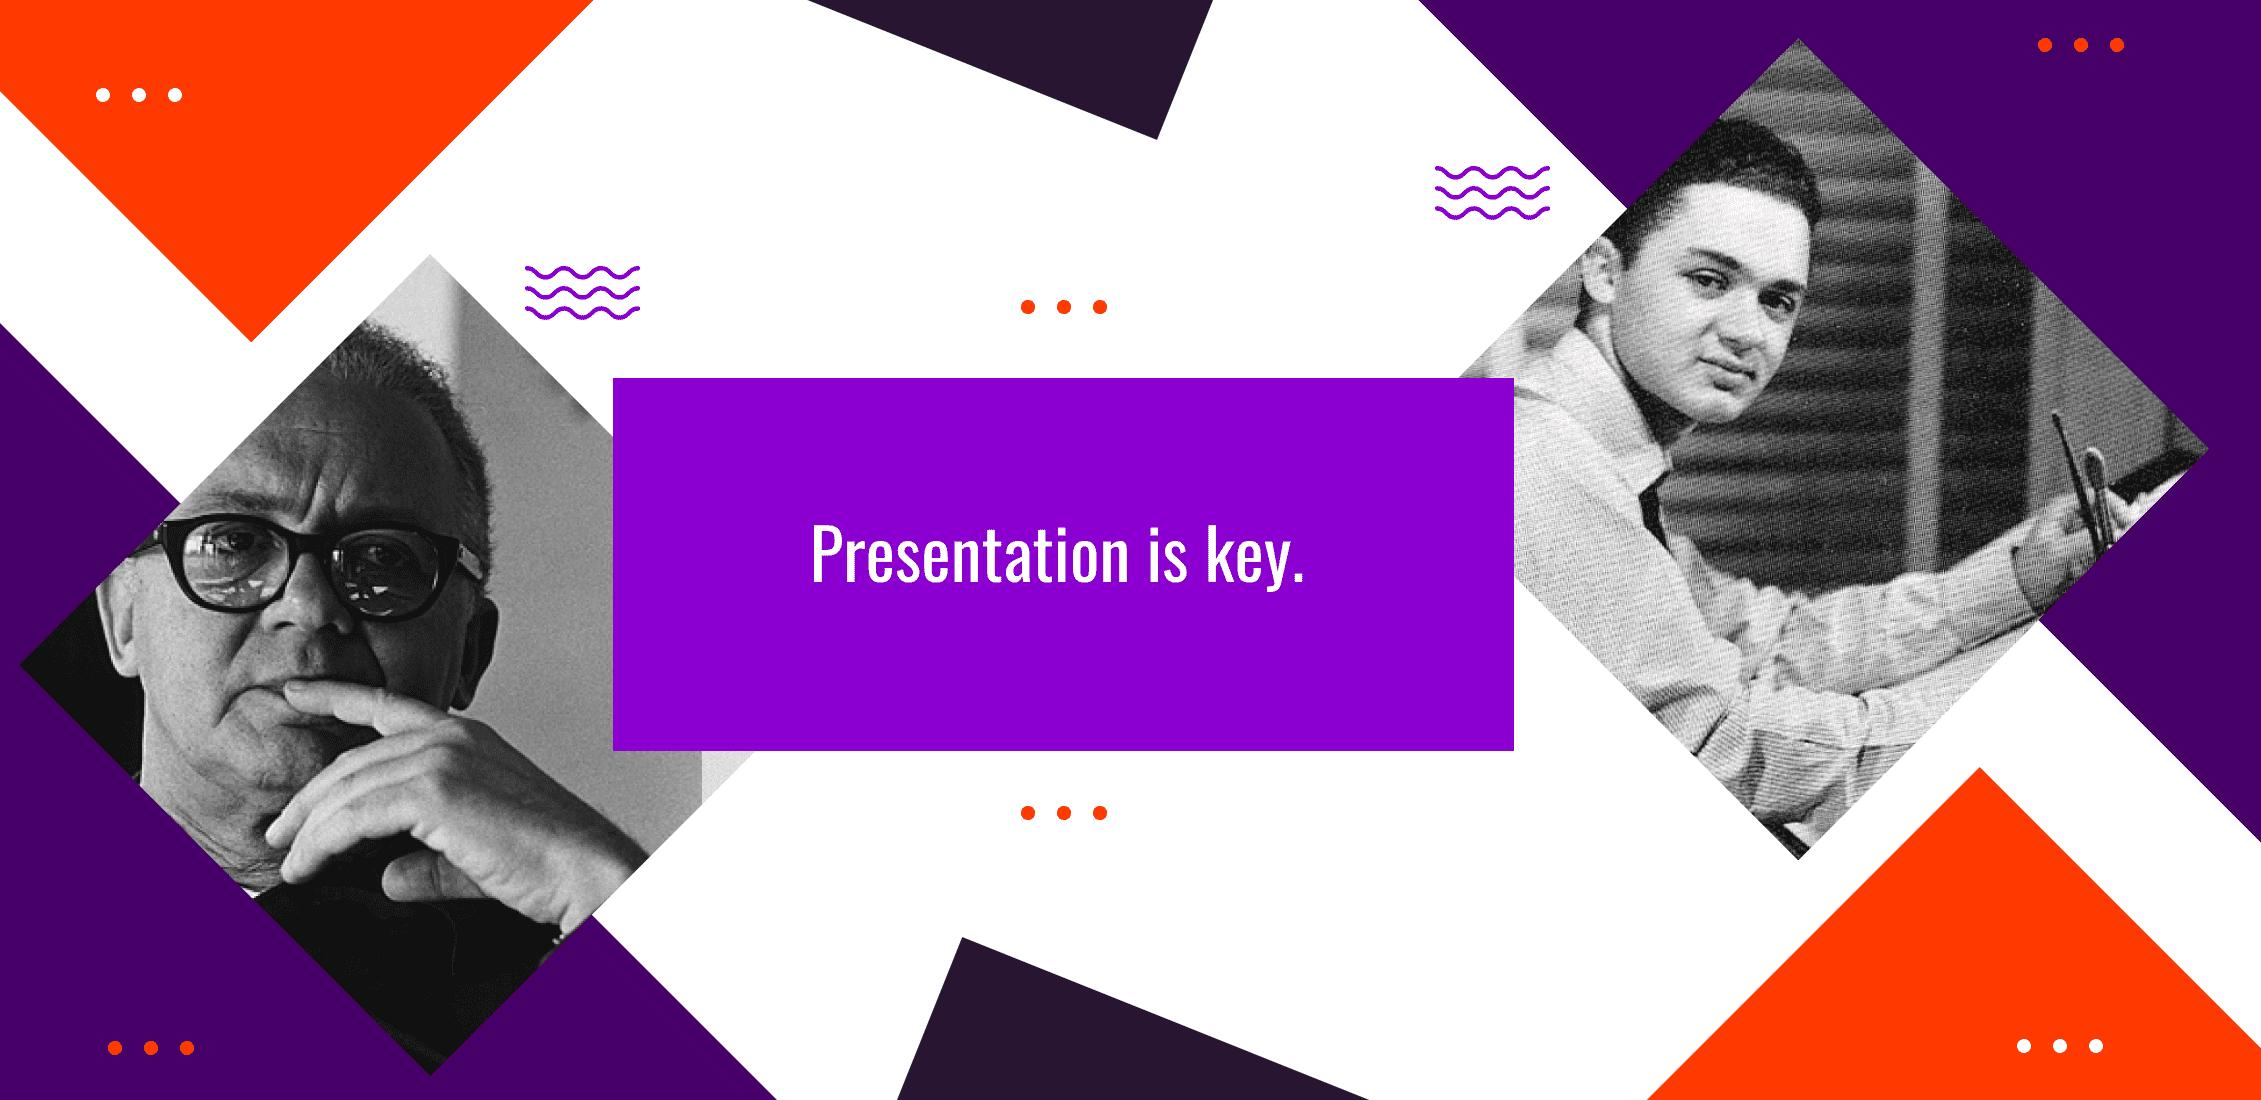 Presentation is key.